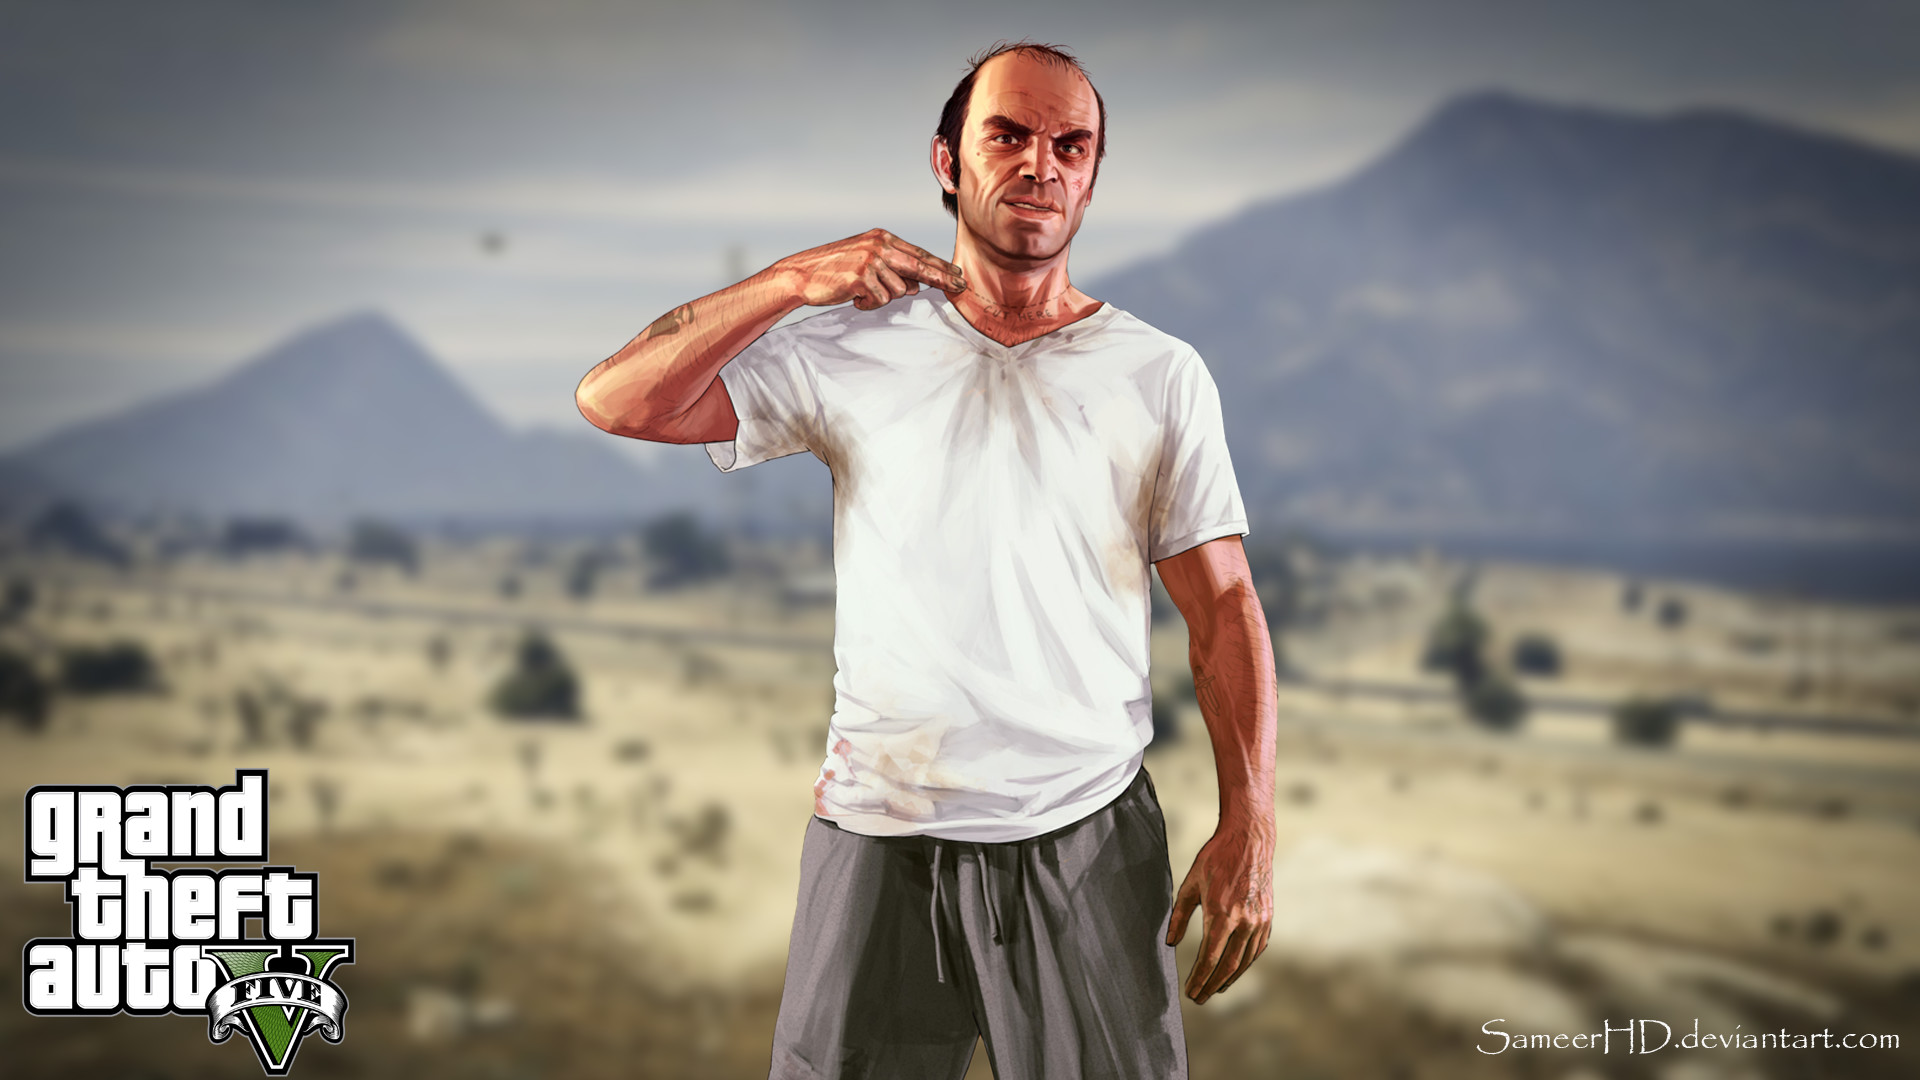 Grand Theft Auto V Trevor Phillips Wallpaper by SameerHD GTA V Wallpaper  …